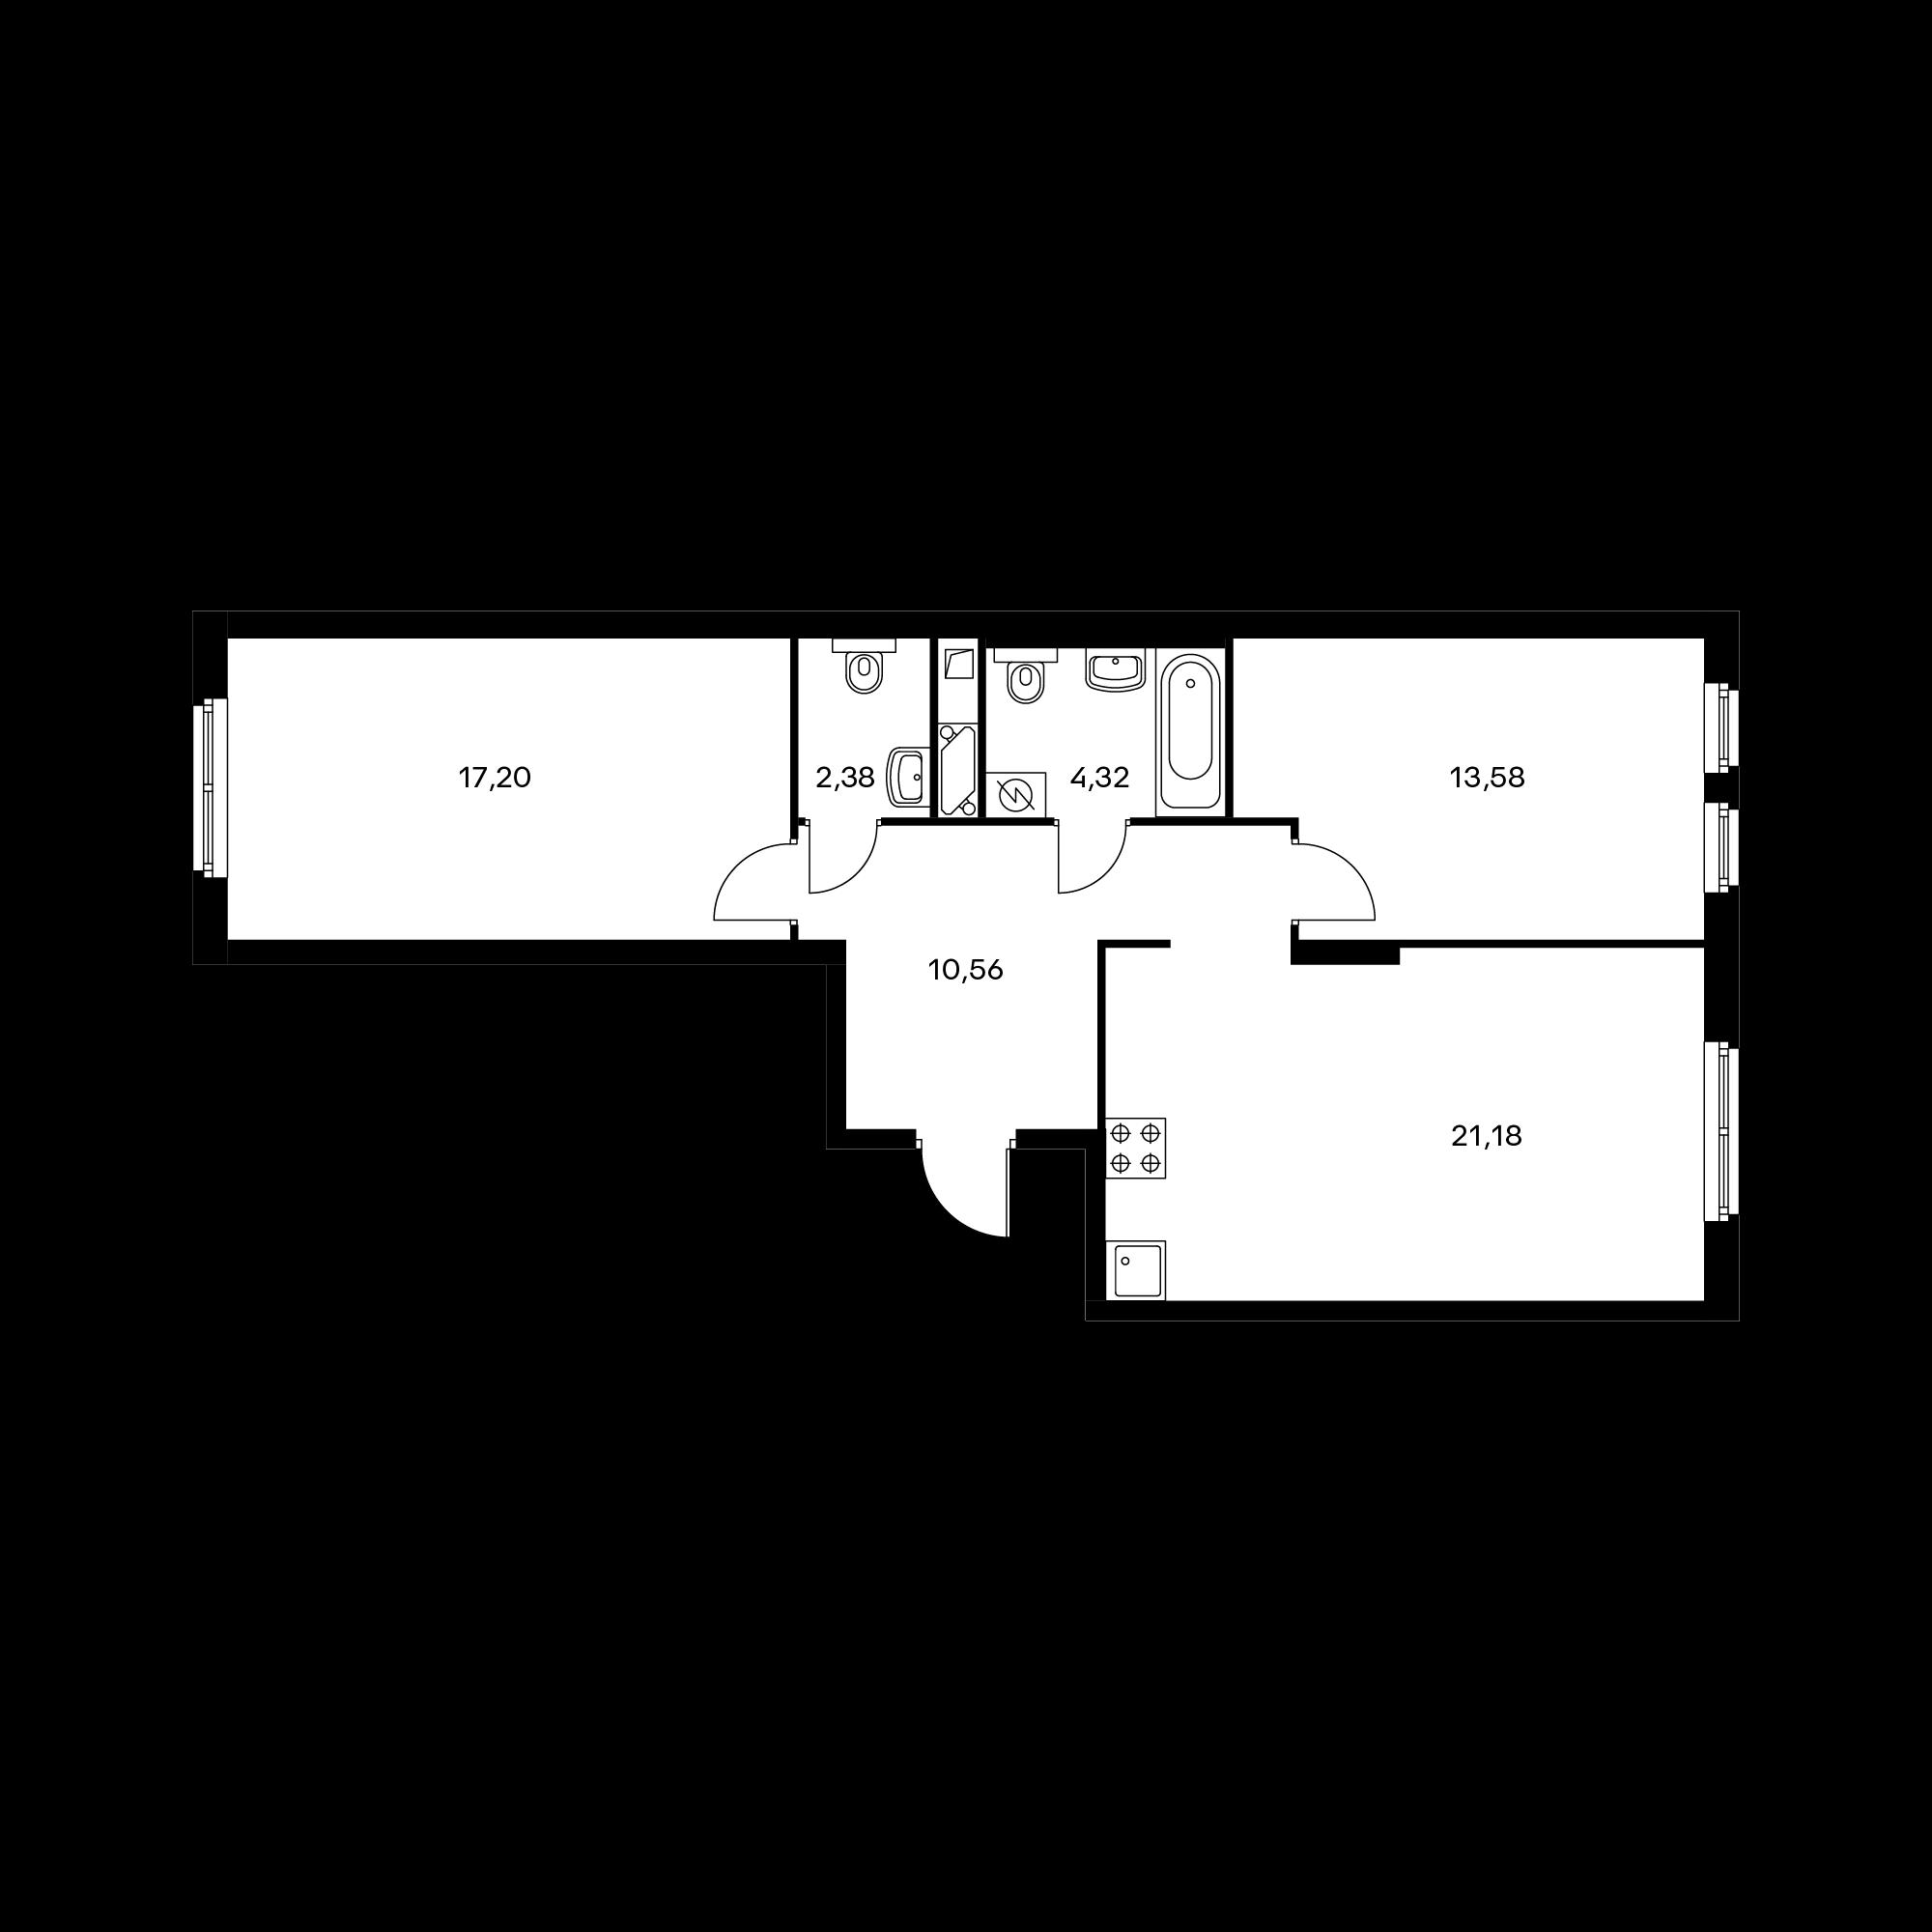 2EL1T_1